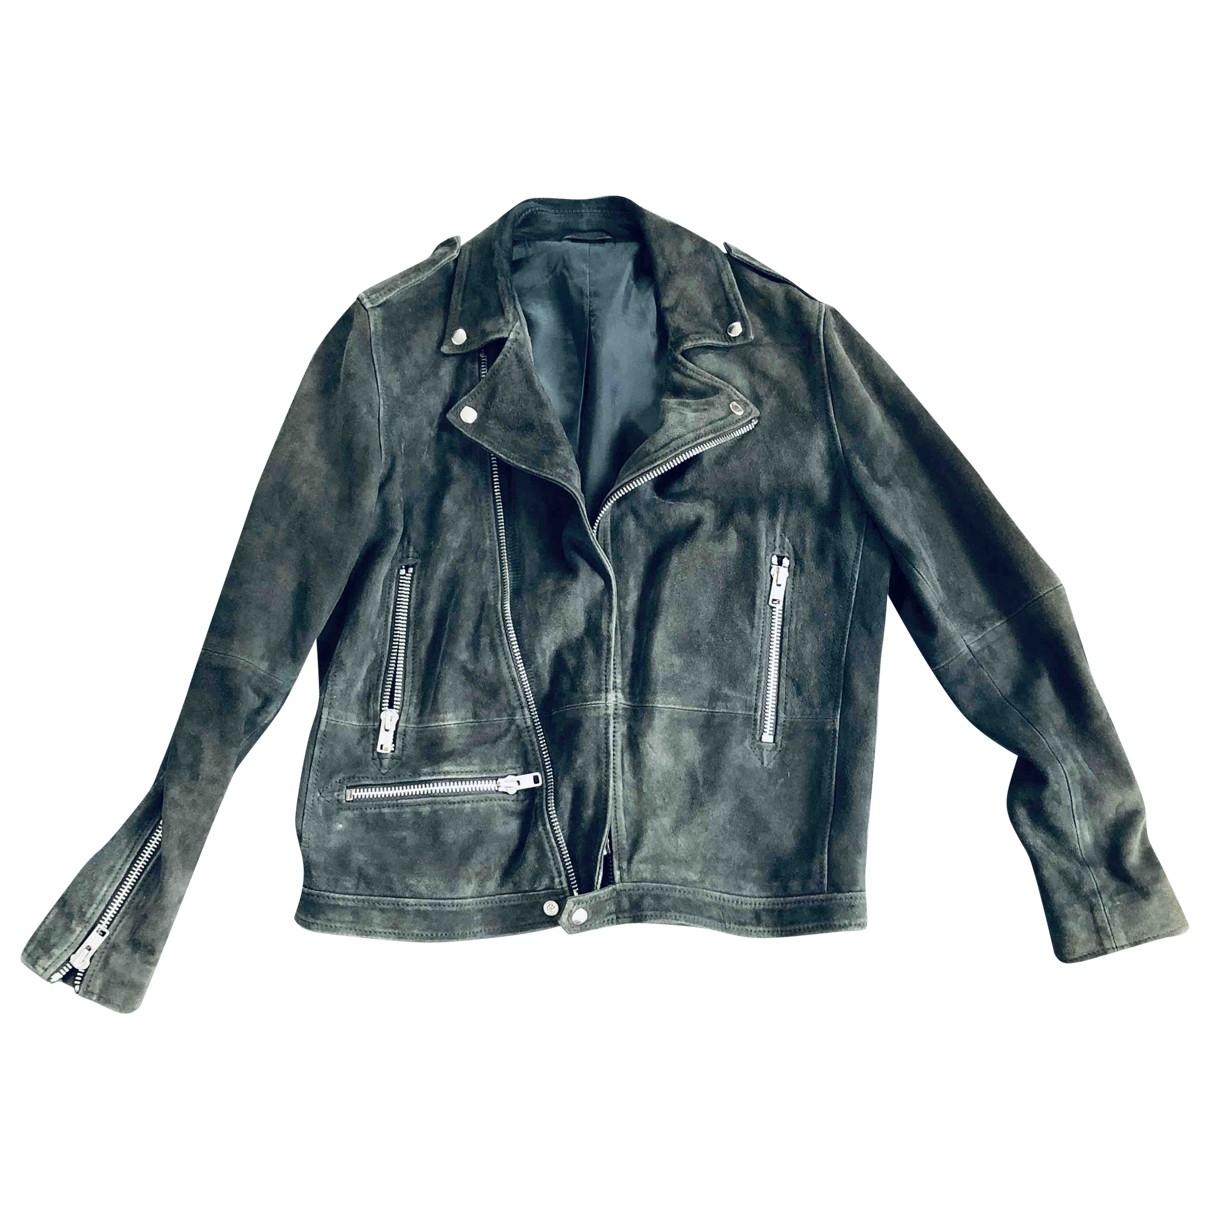 Samsoe & Samsoe \N Green Suede jacket  for Men L International